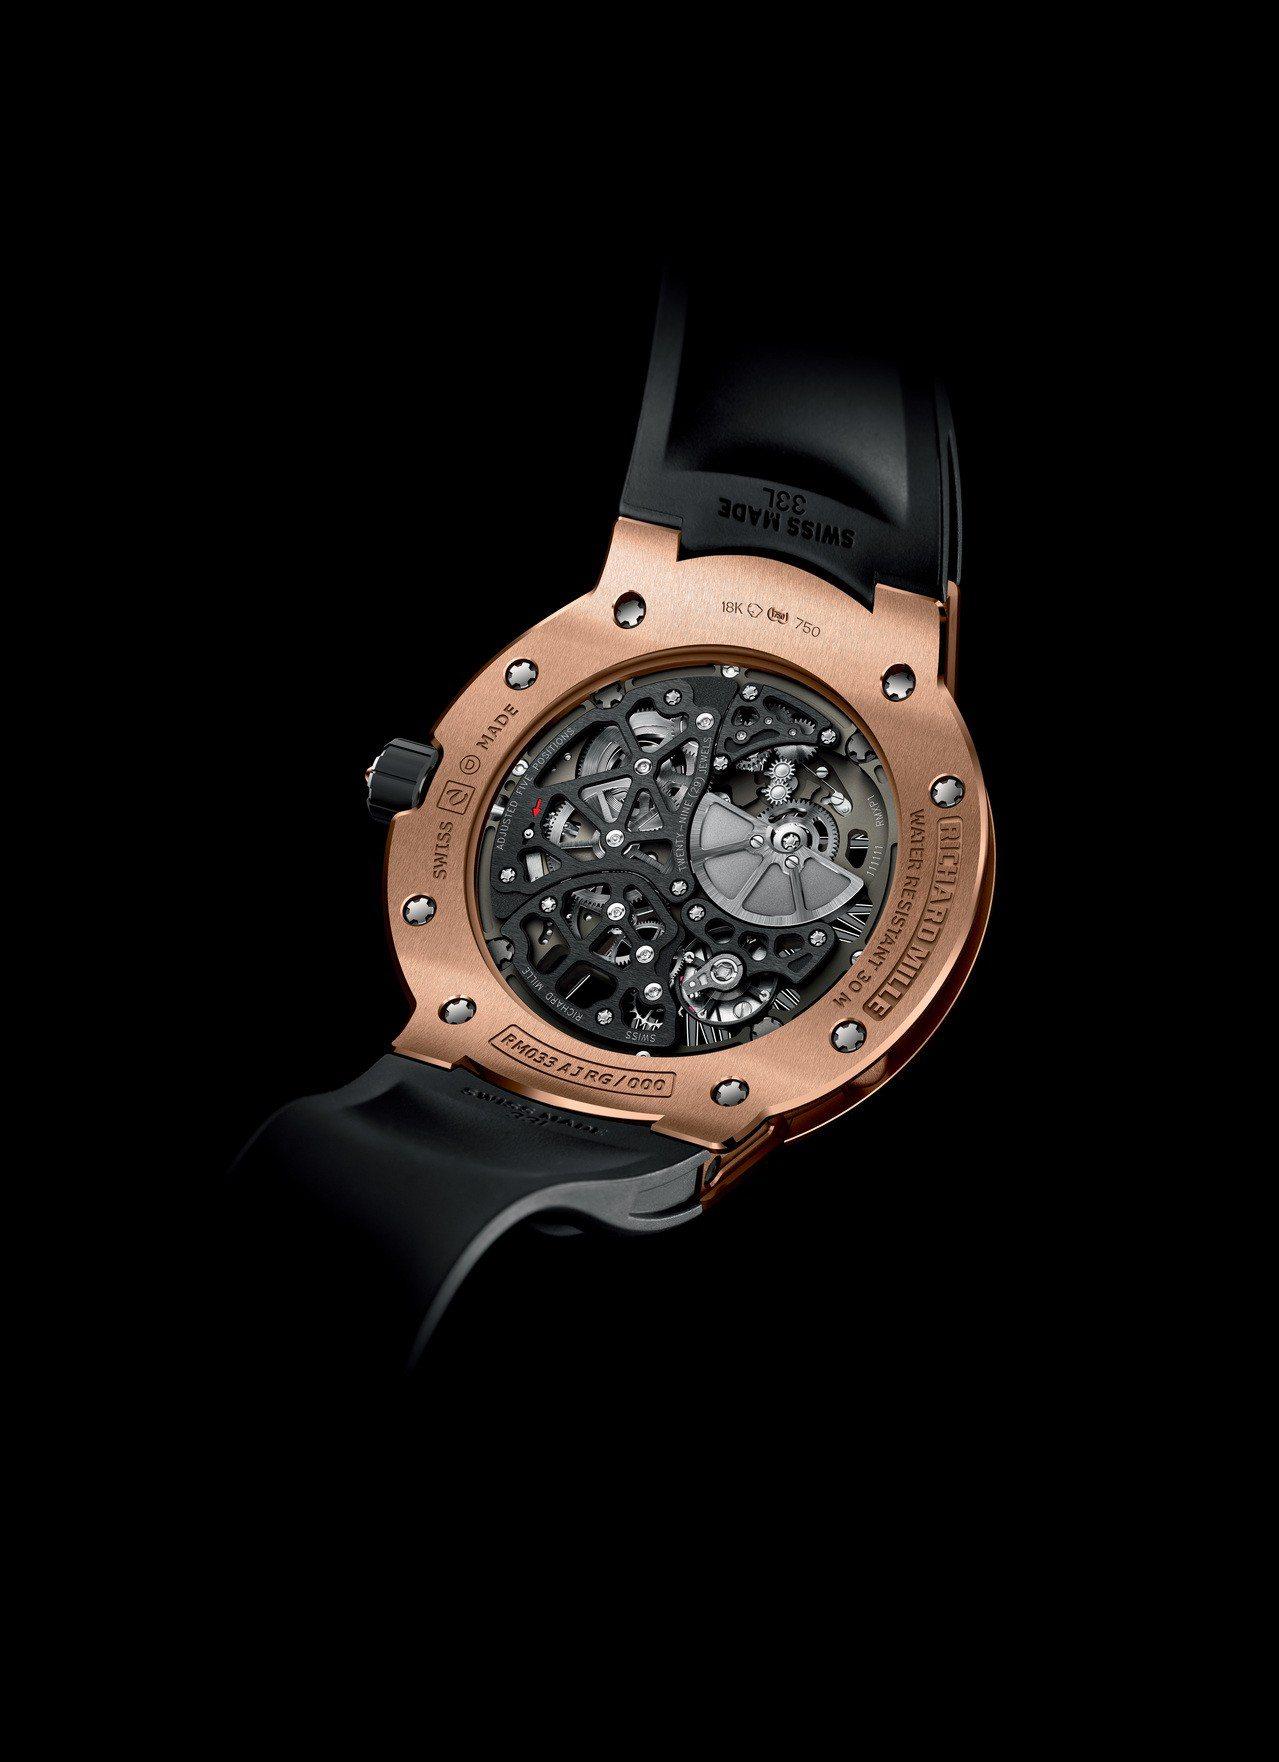 RICHARD MILLE RM033超薄腕表,从蓝宝石水晶玻璃底盖即可见到,以...